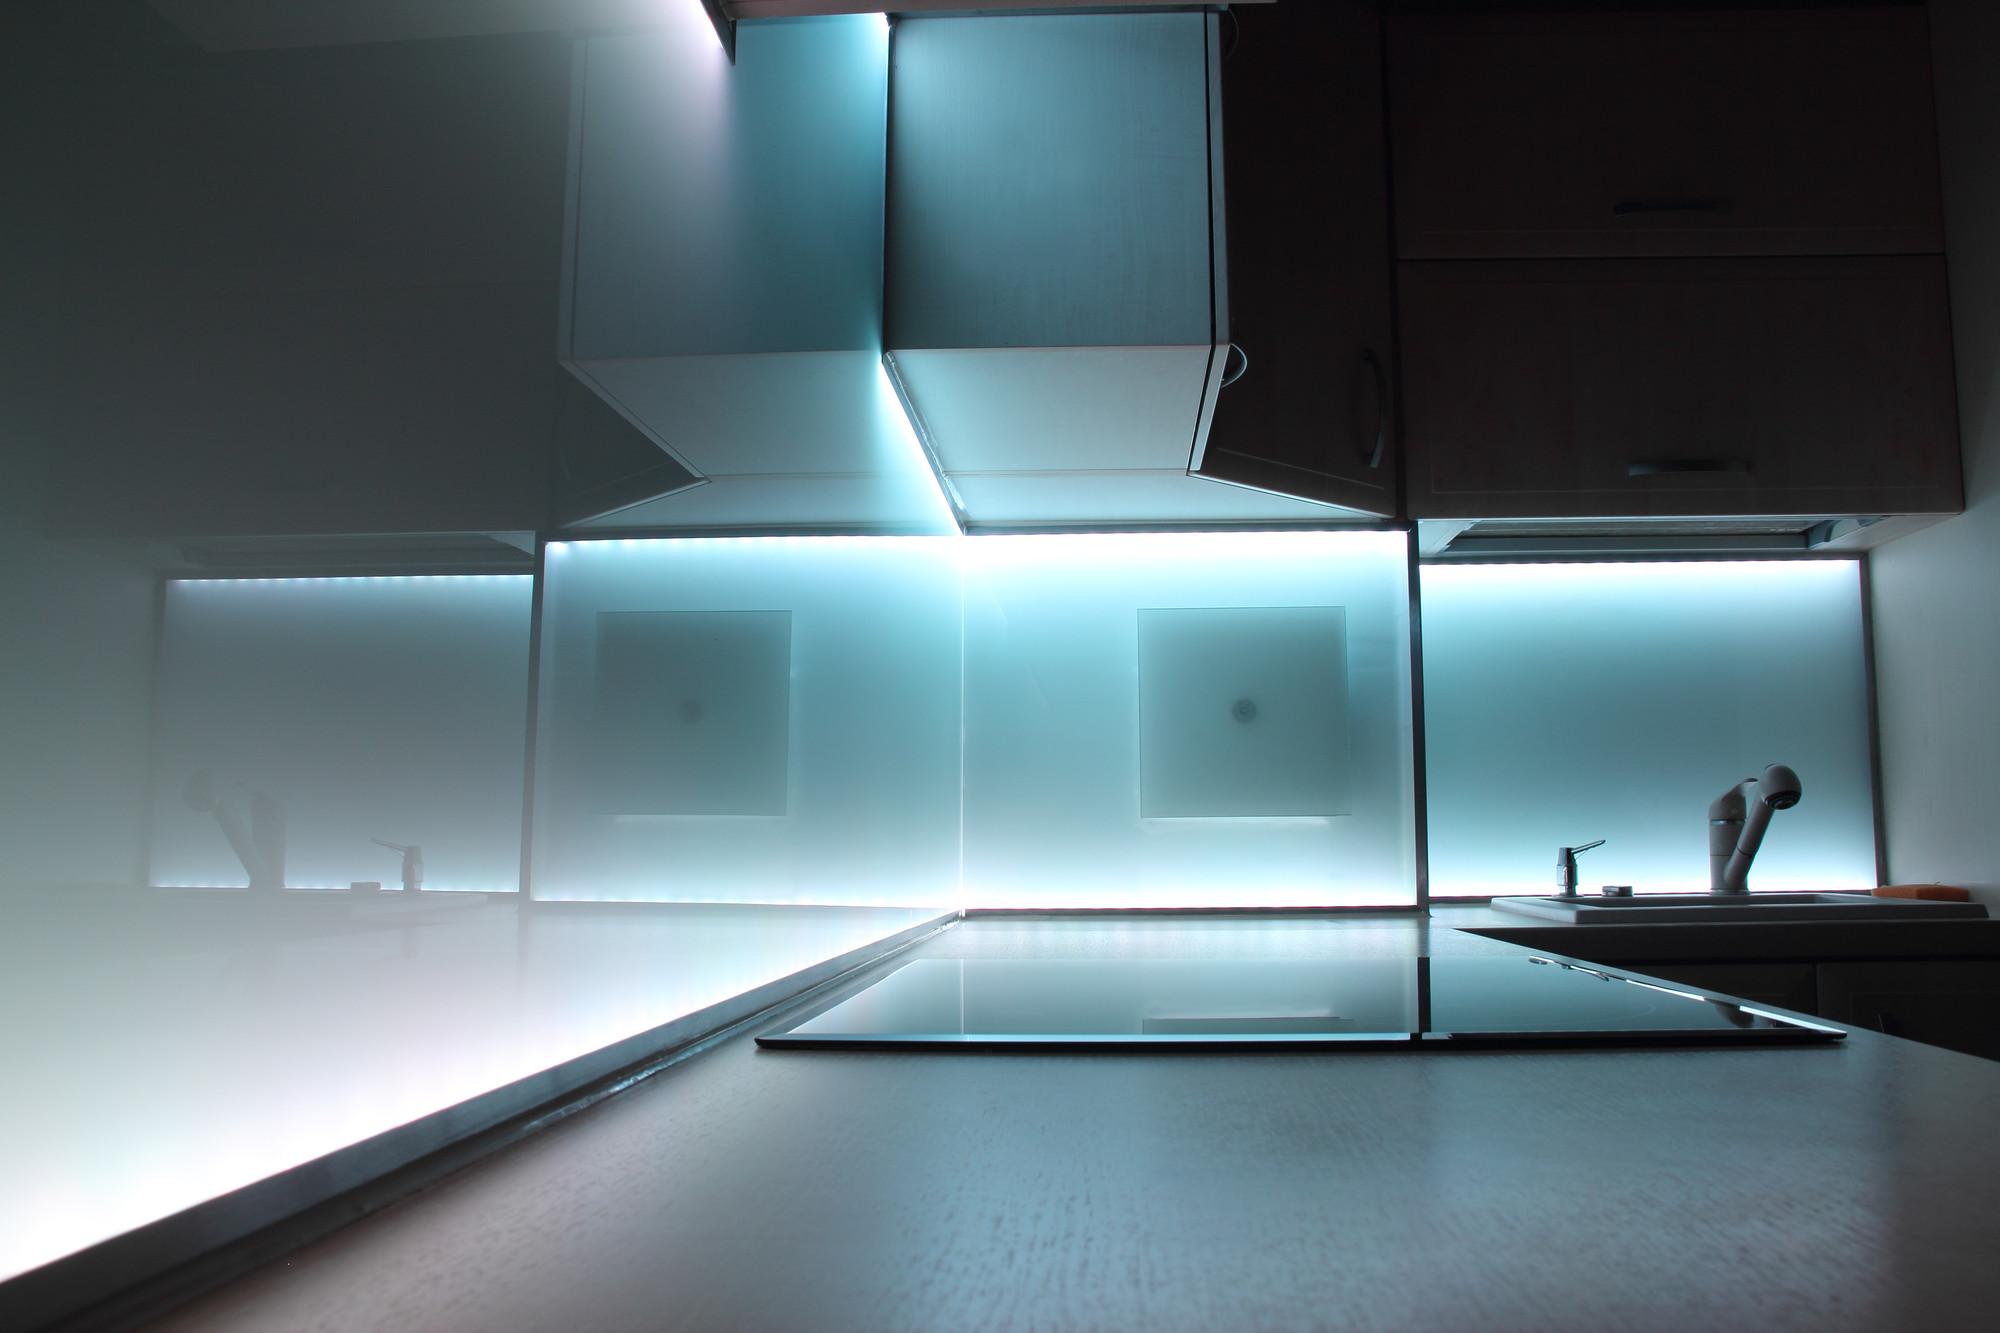 Best Under Cabinet Lighting Wiring Doorbell In Parallel